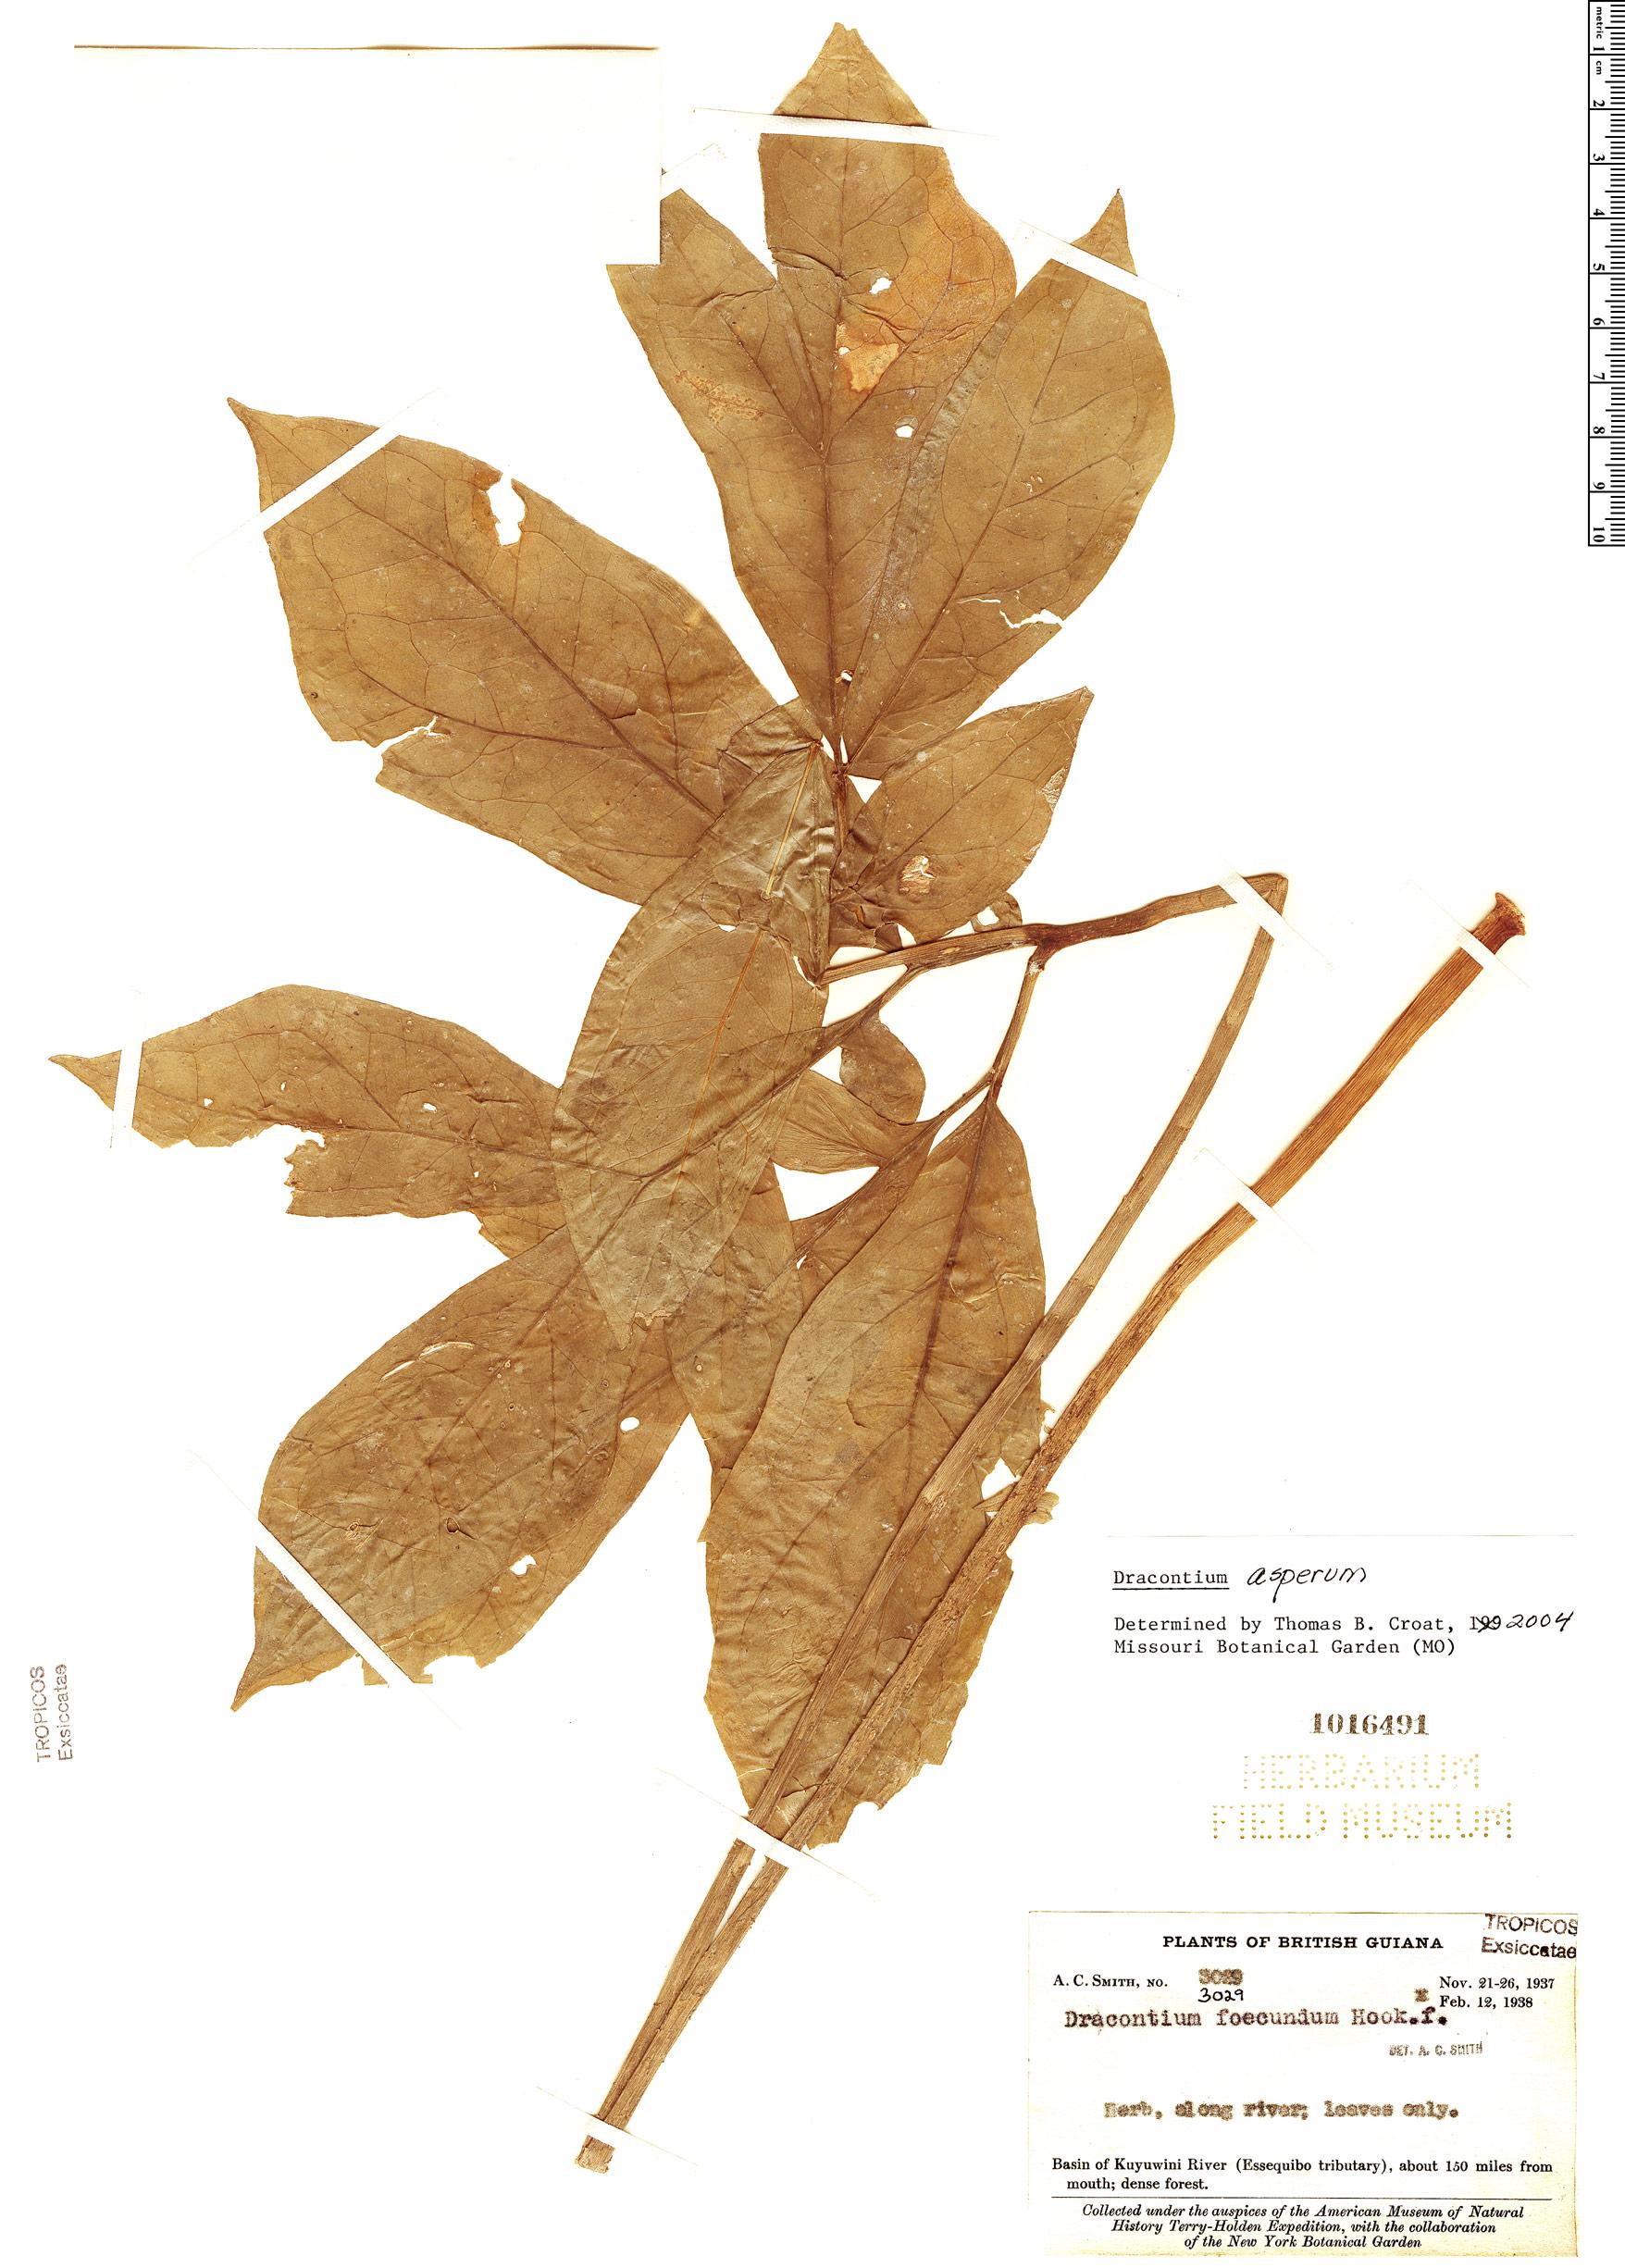 Specimen: Dracontium asperum